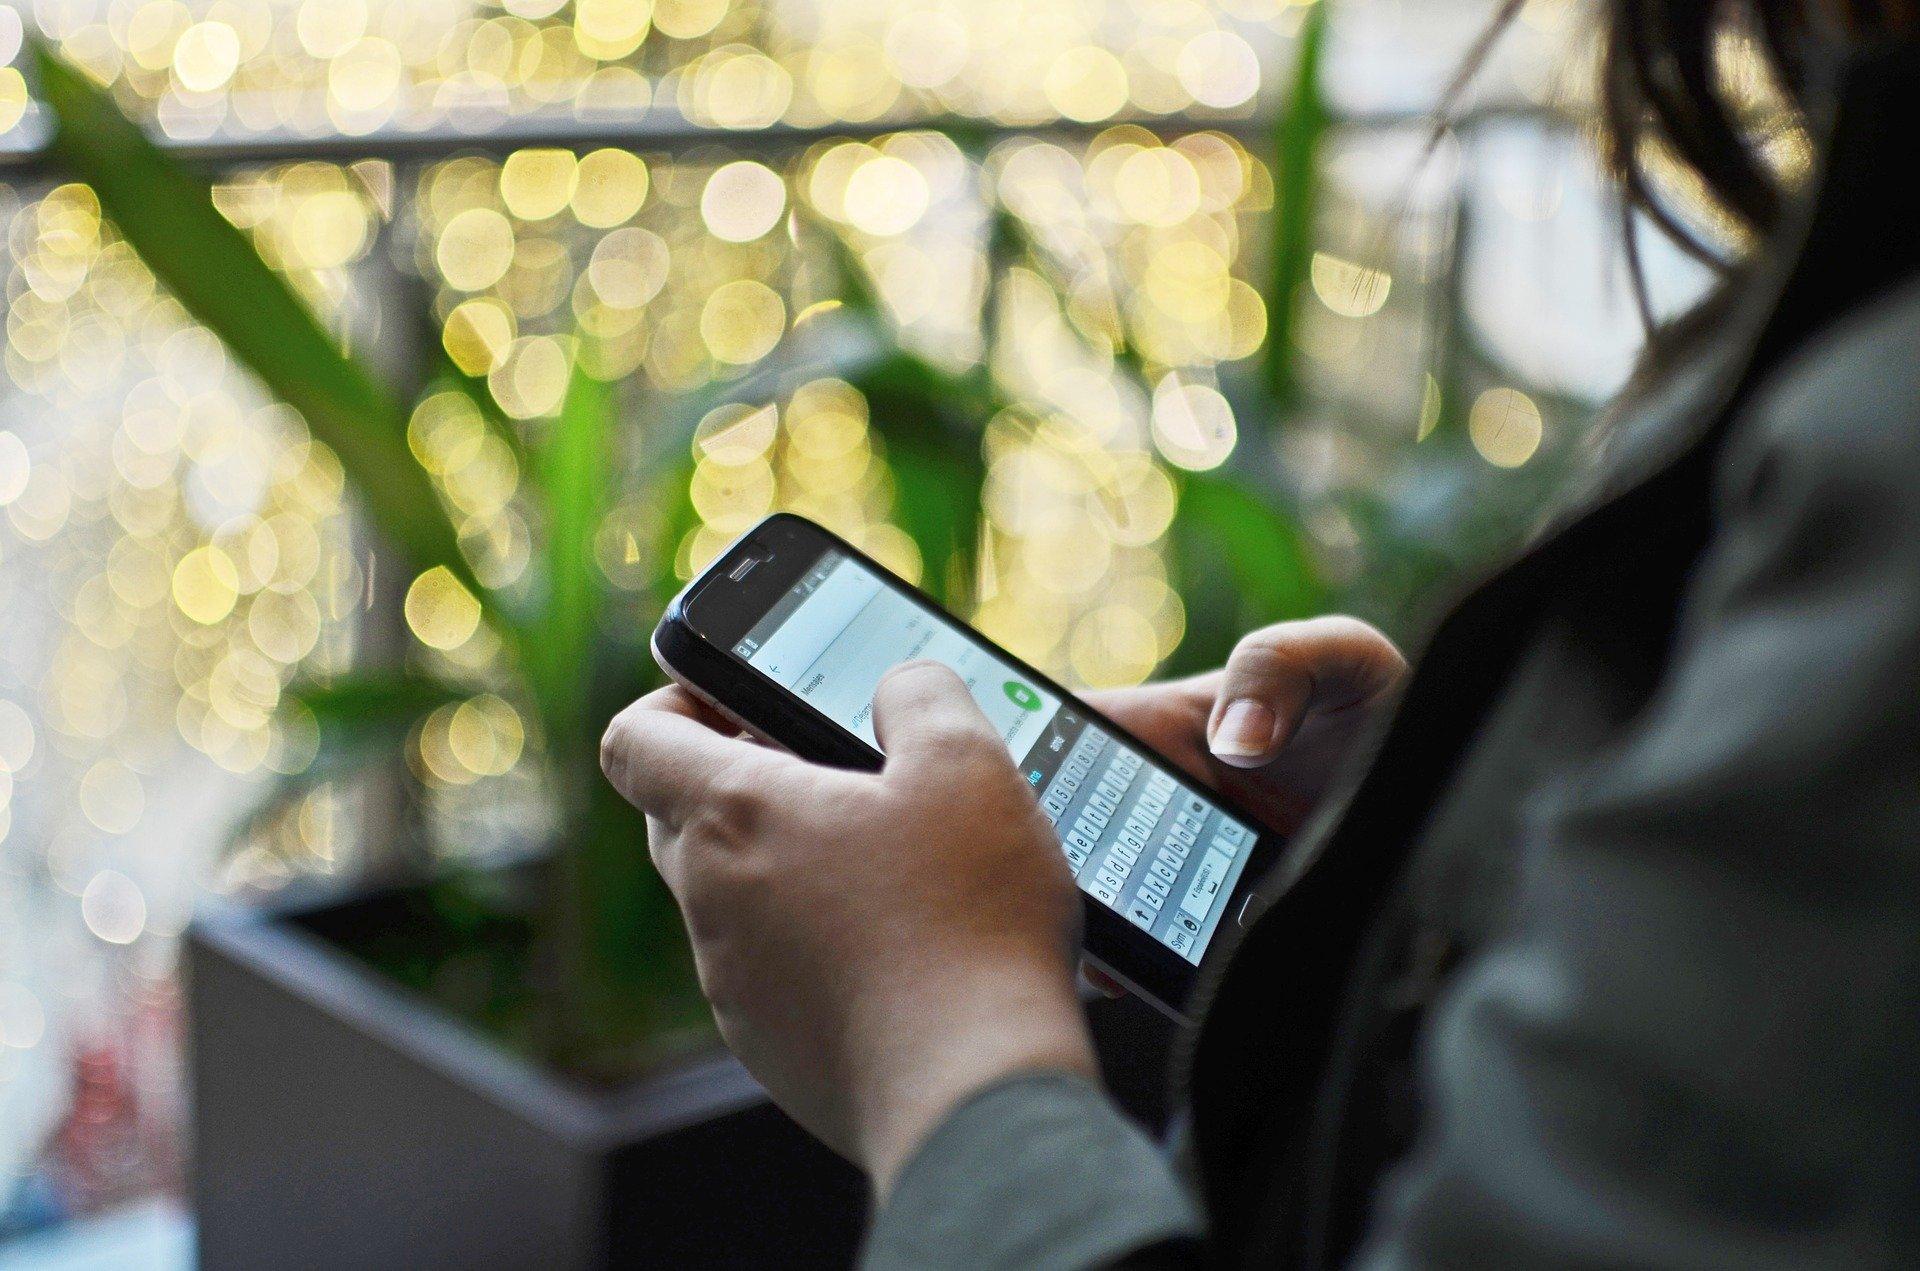 Imagem mostra uma pessoa usando um smartphone.